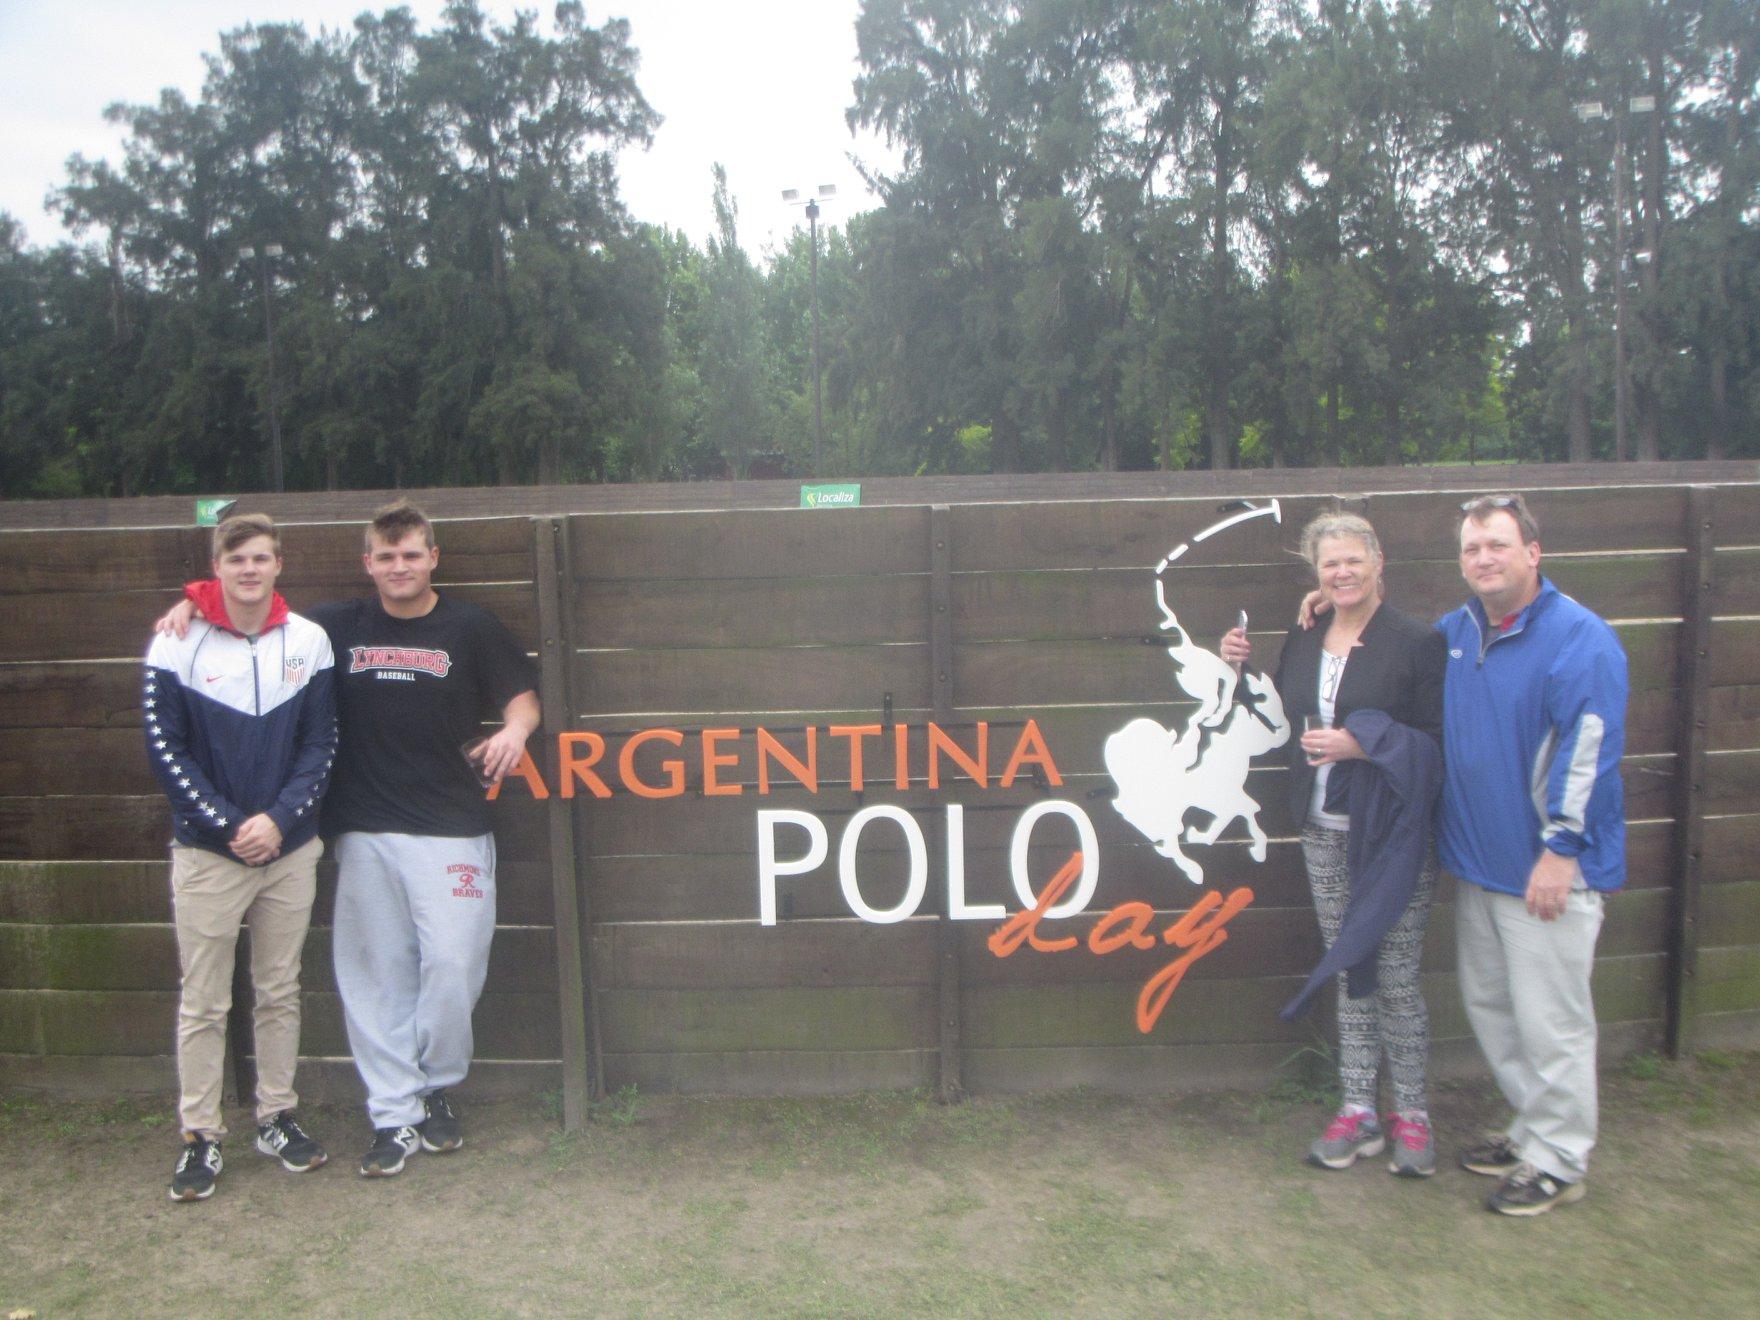 Historia del Polo en la Argentina   Argentina Polo Day - Argentina Polo day